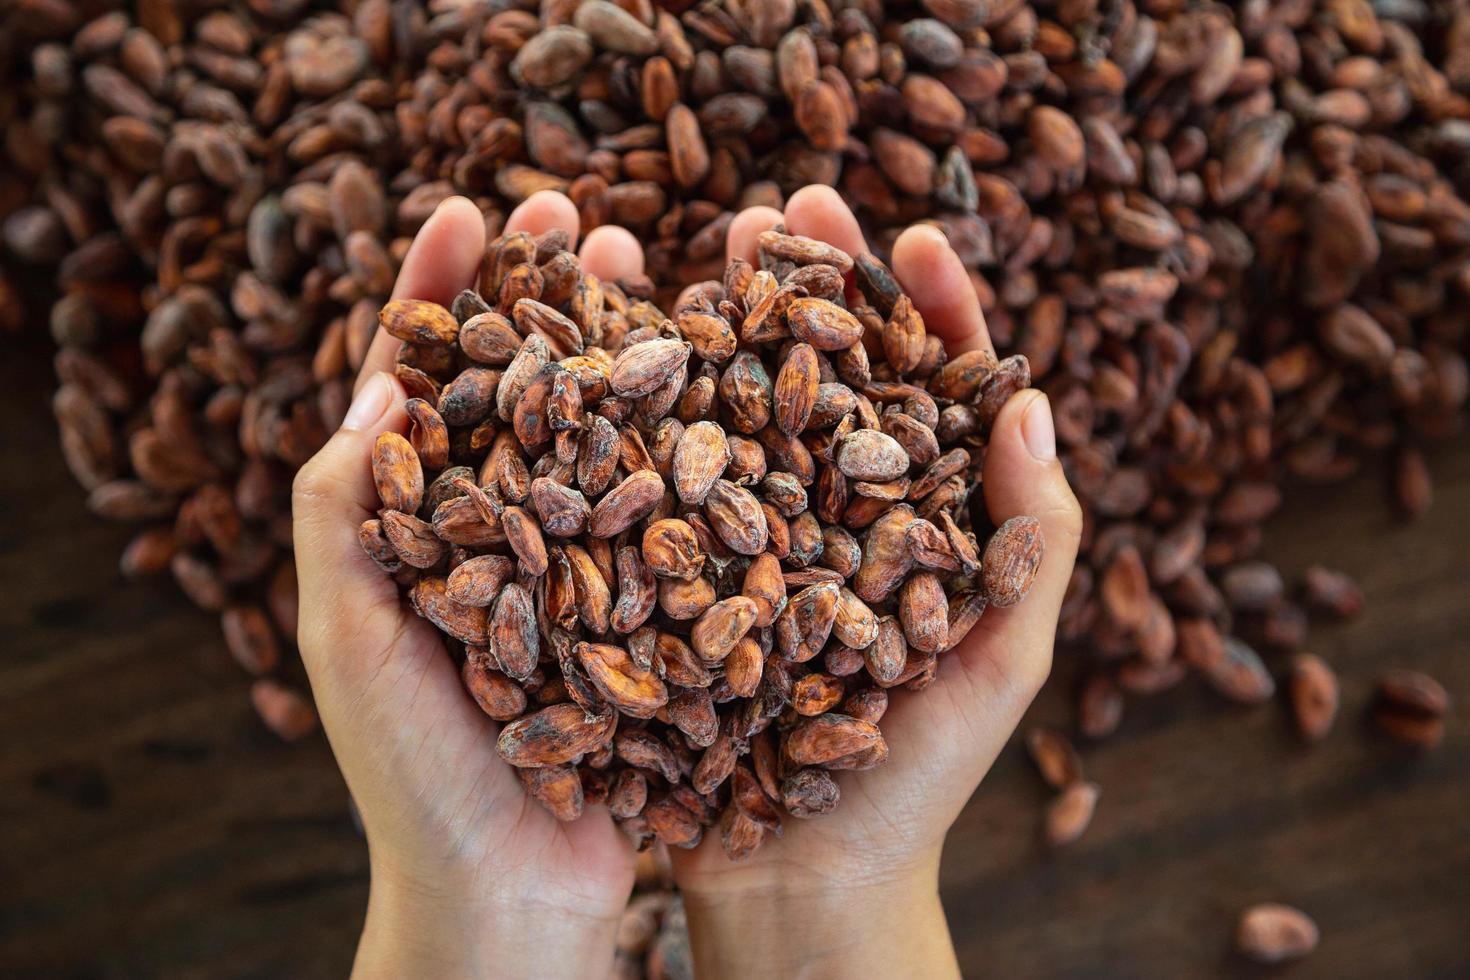 trabajador sosteniendo un puñado de granos de cacao foto